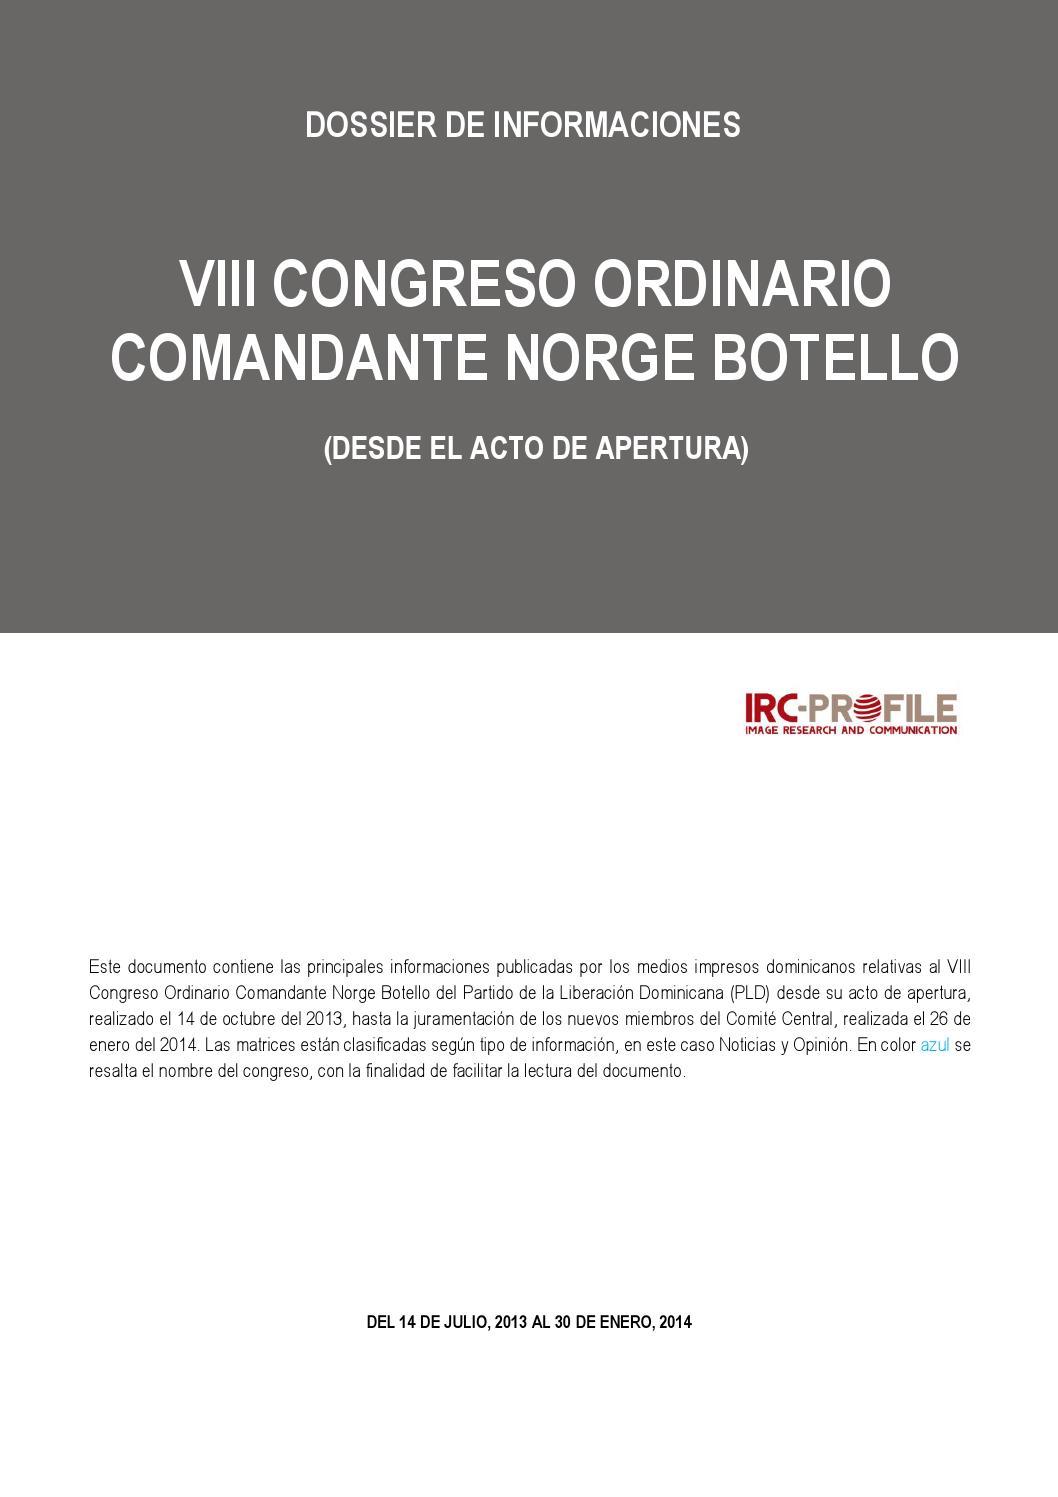 VIII CONGRESO ORDINARIO COMANDANTE NORGE BOTELLO by Juan Rivas - issuu